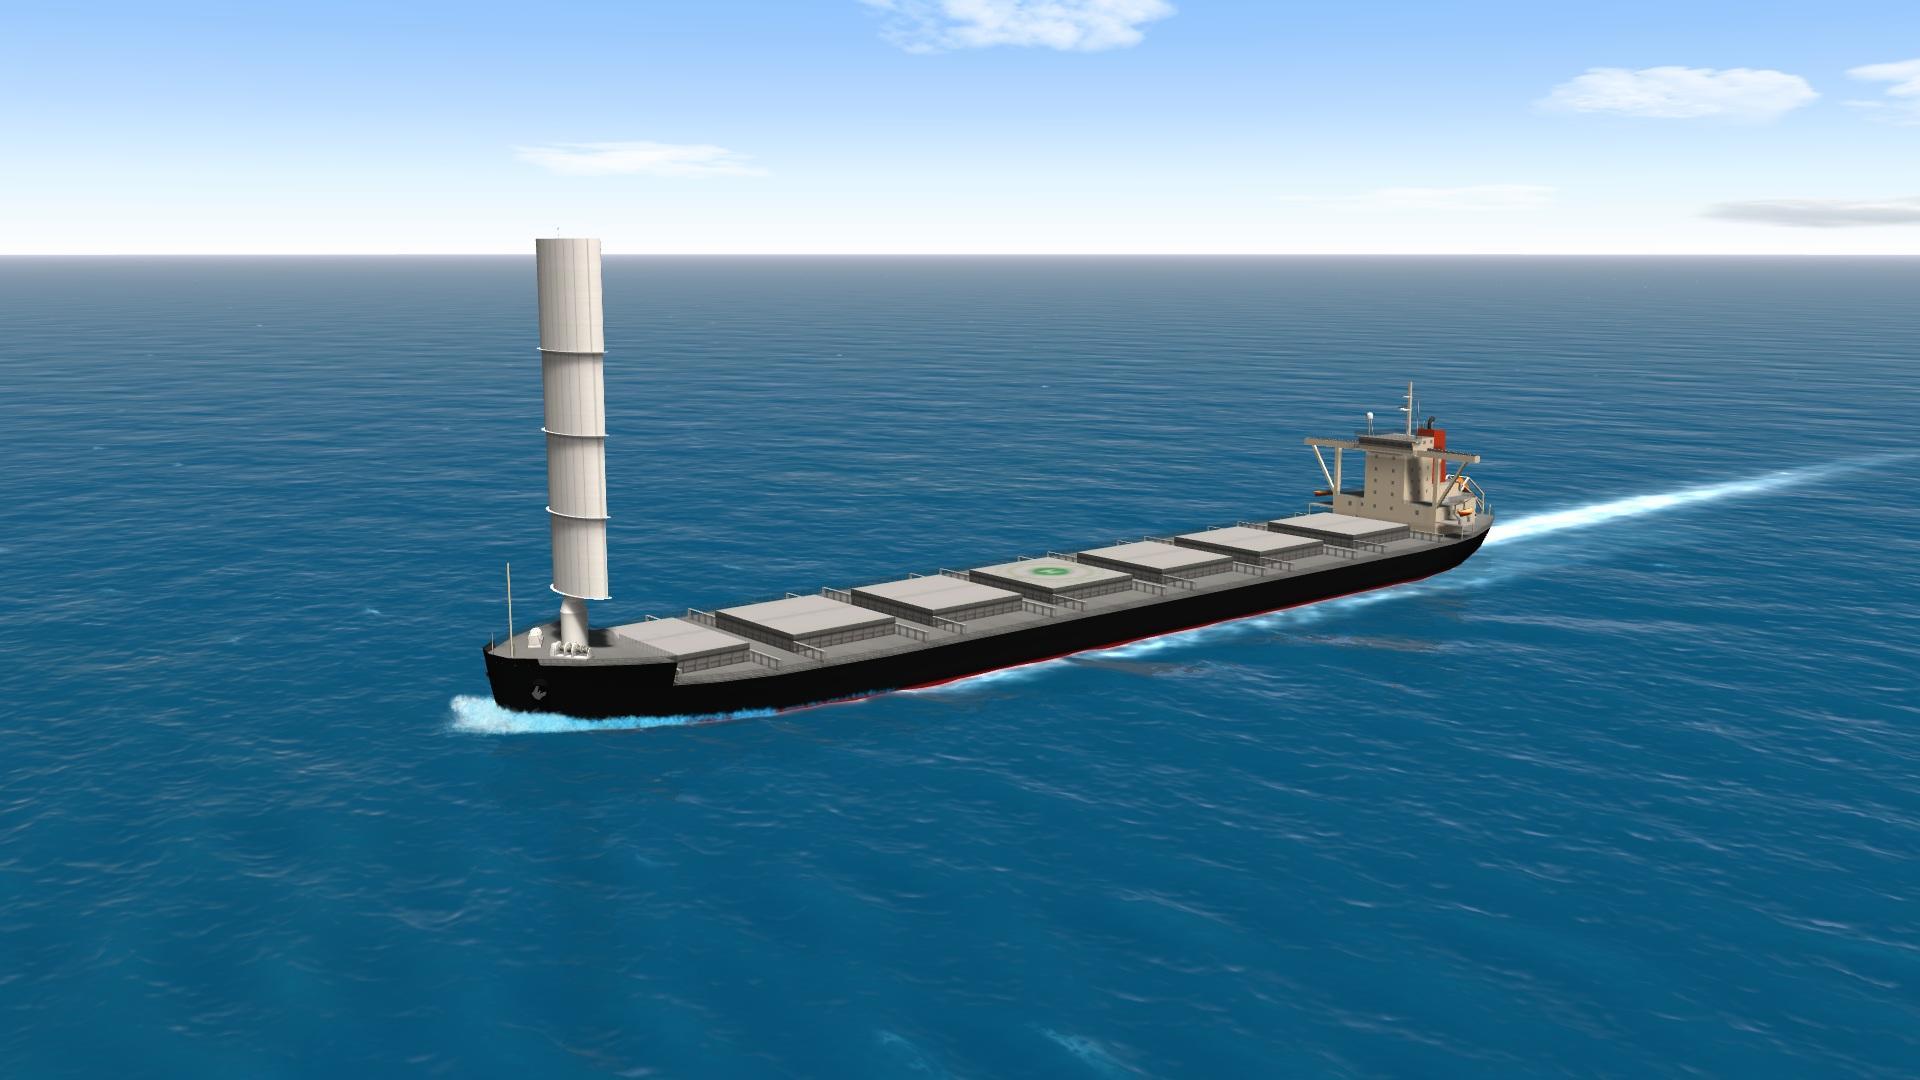 金沢工業大学ICCがプロジェクトメンバーとして参画する硬翼帆式風力推進大型商船「ウィンドチャレンジャー」が設計基本承認。「帆」をもつ大型商船実現で温室効果ガス削減を狙う